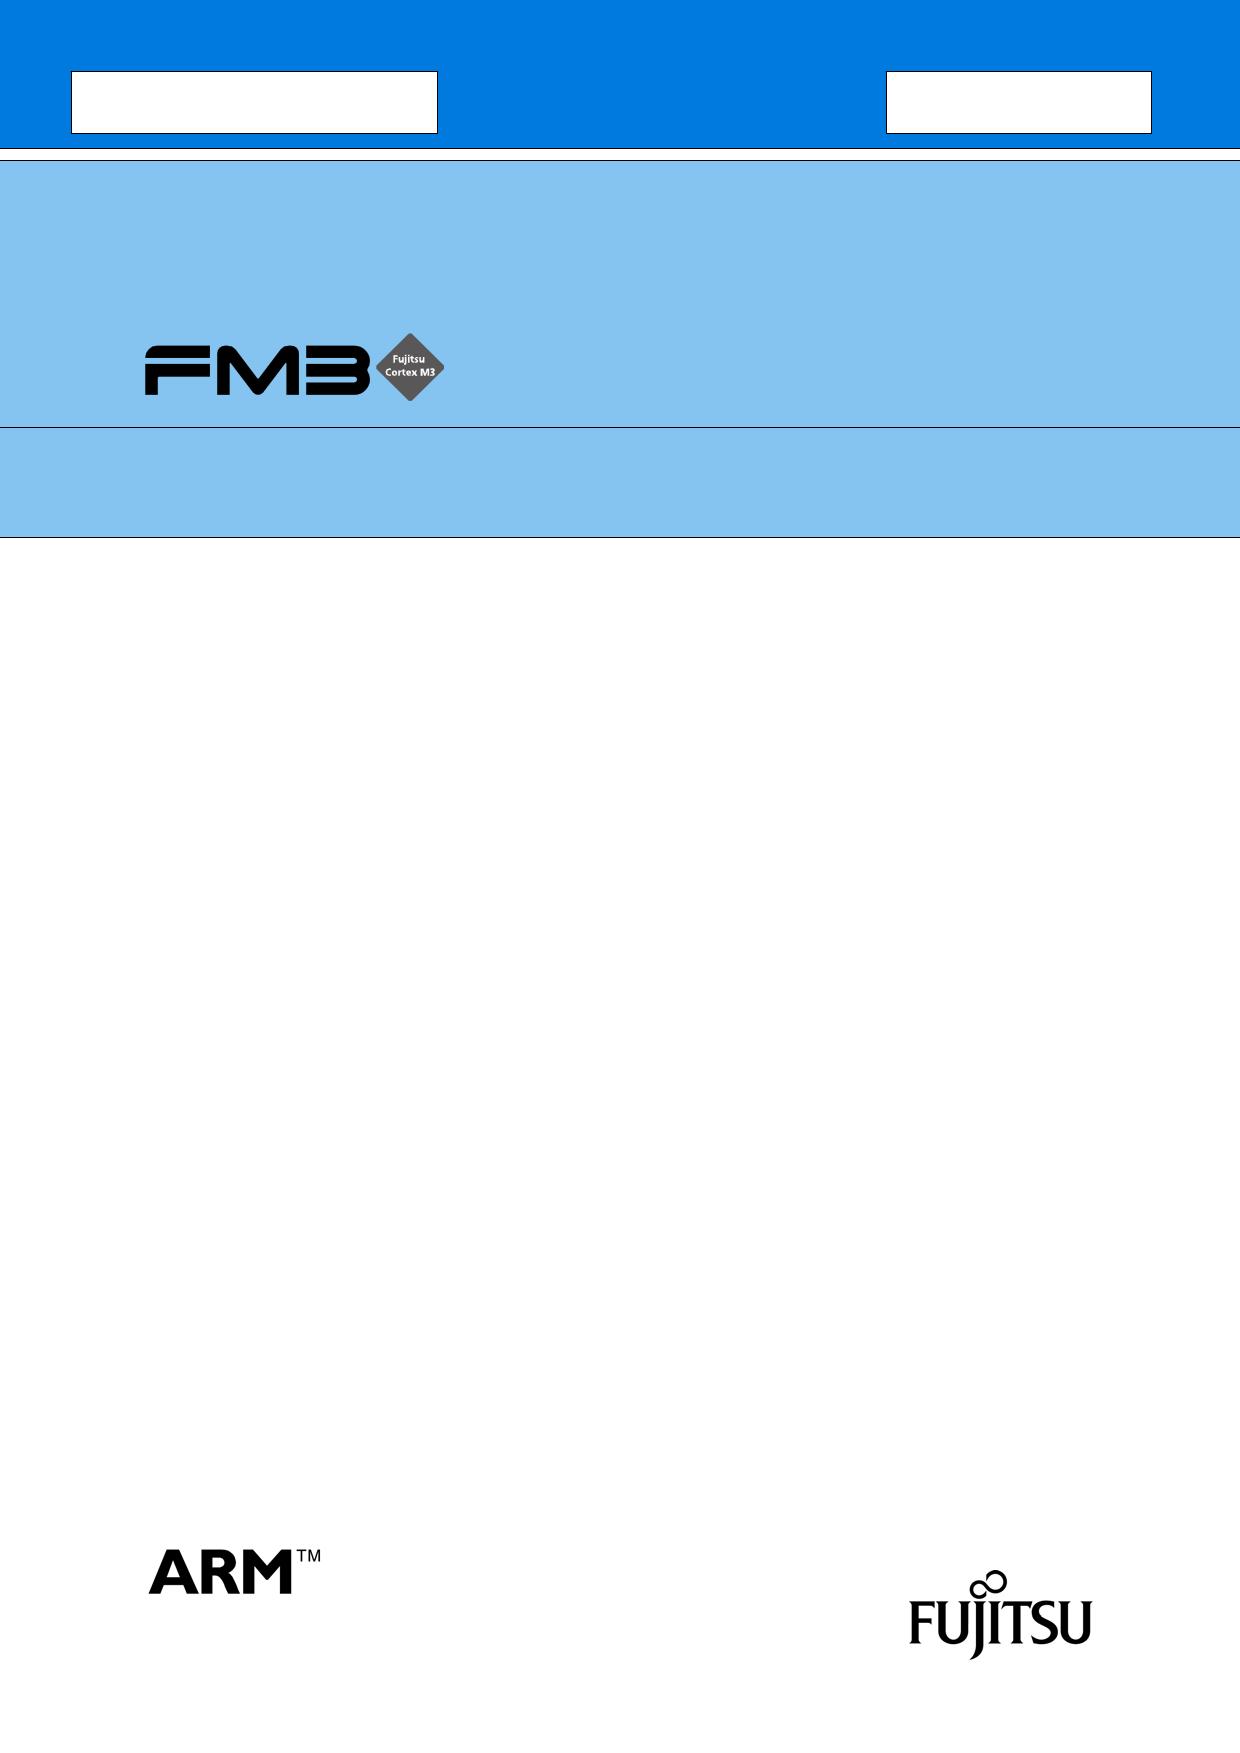 MB9BF324M 데이터시트 및 MB9BF324M PDF